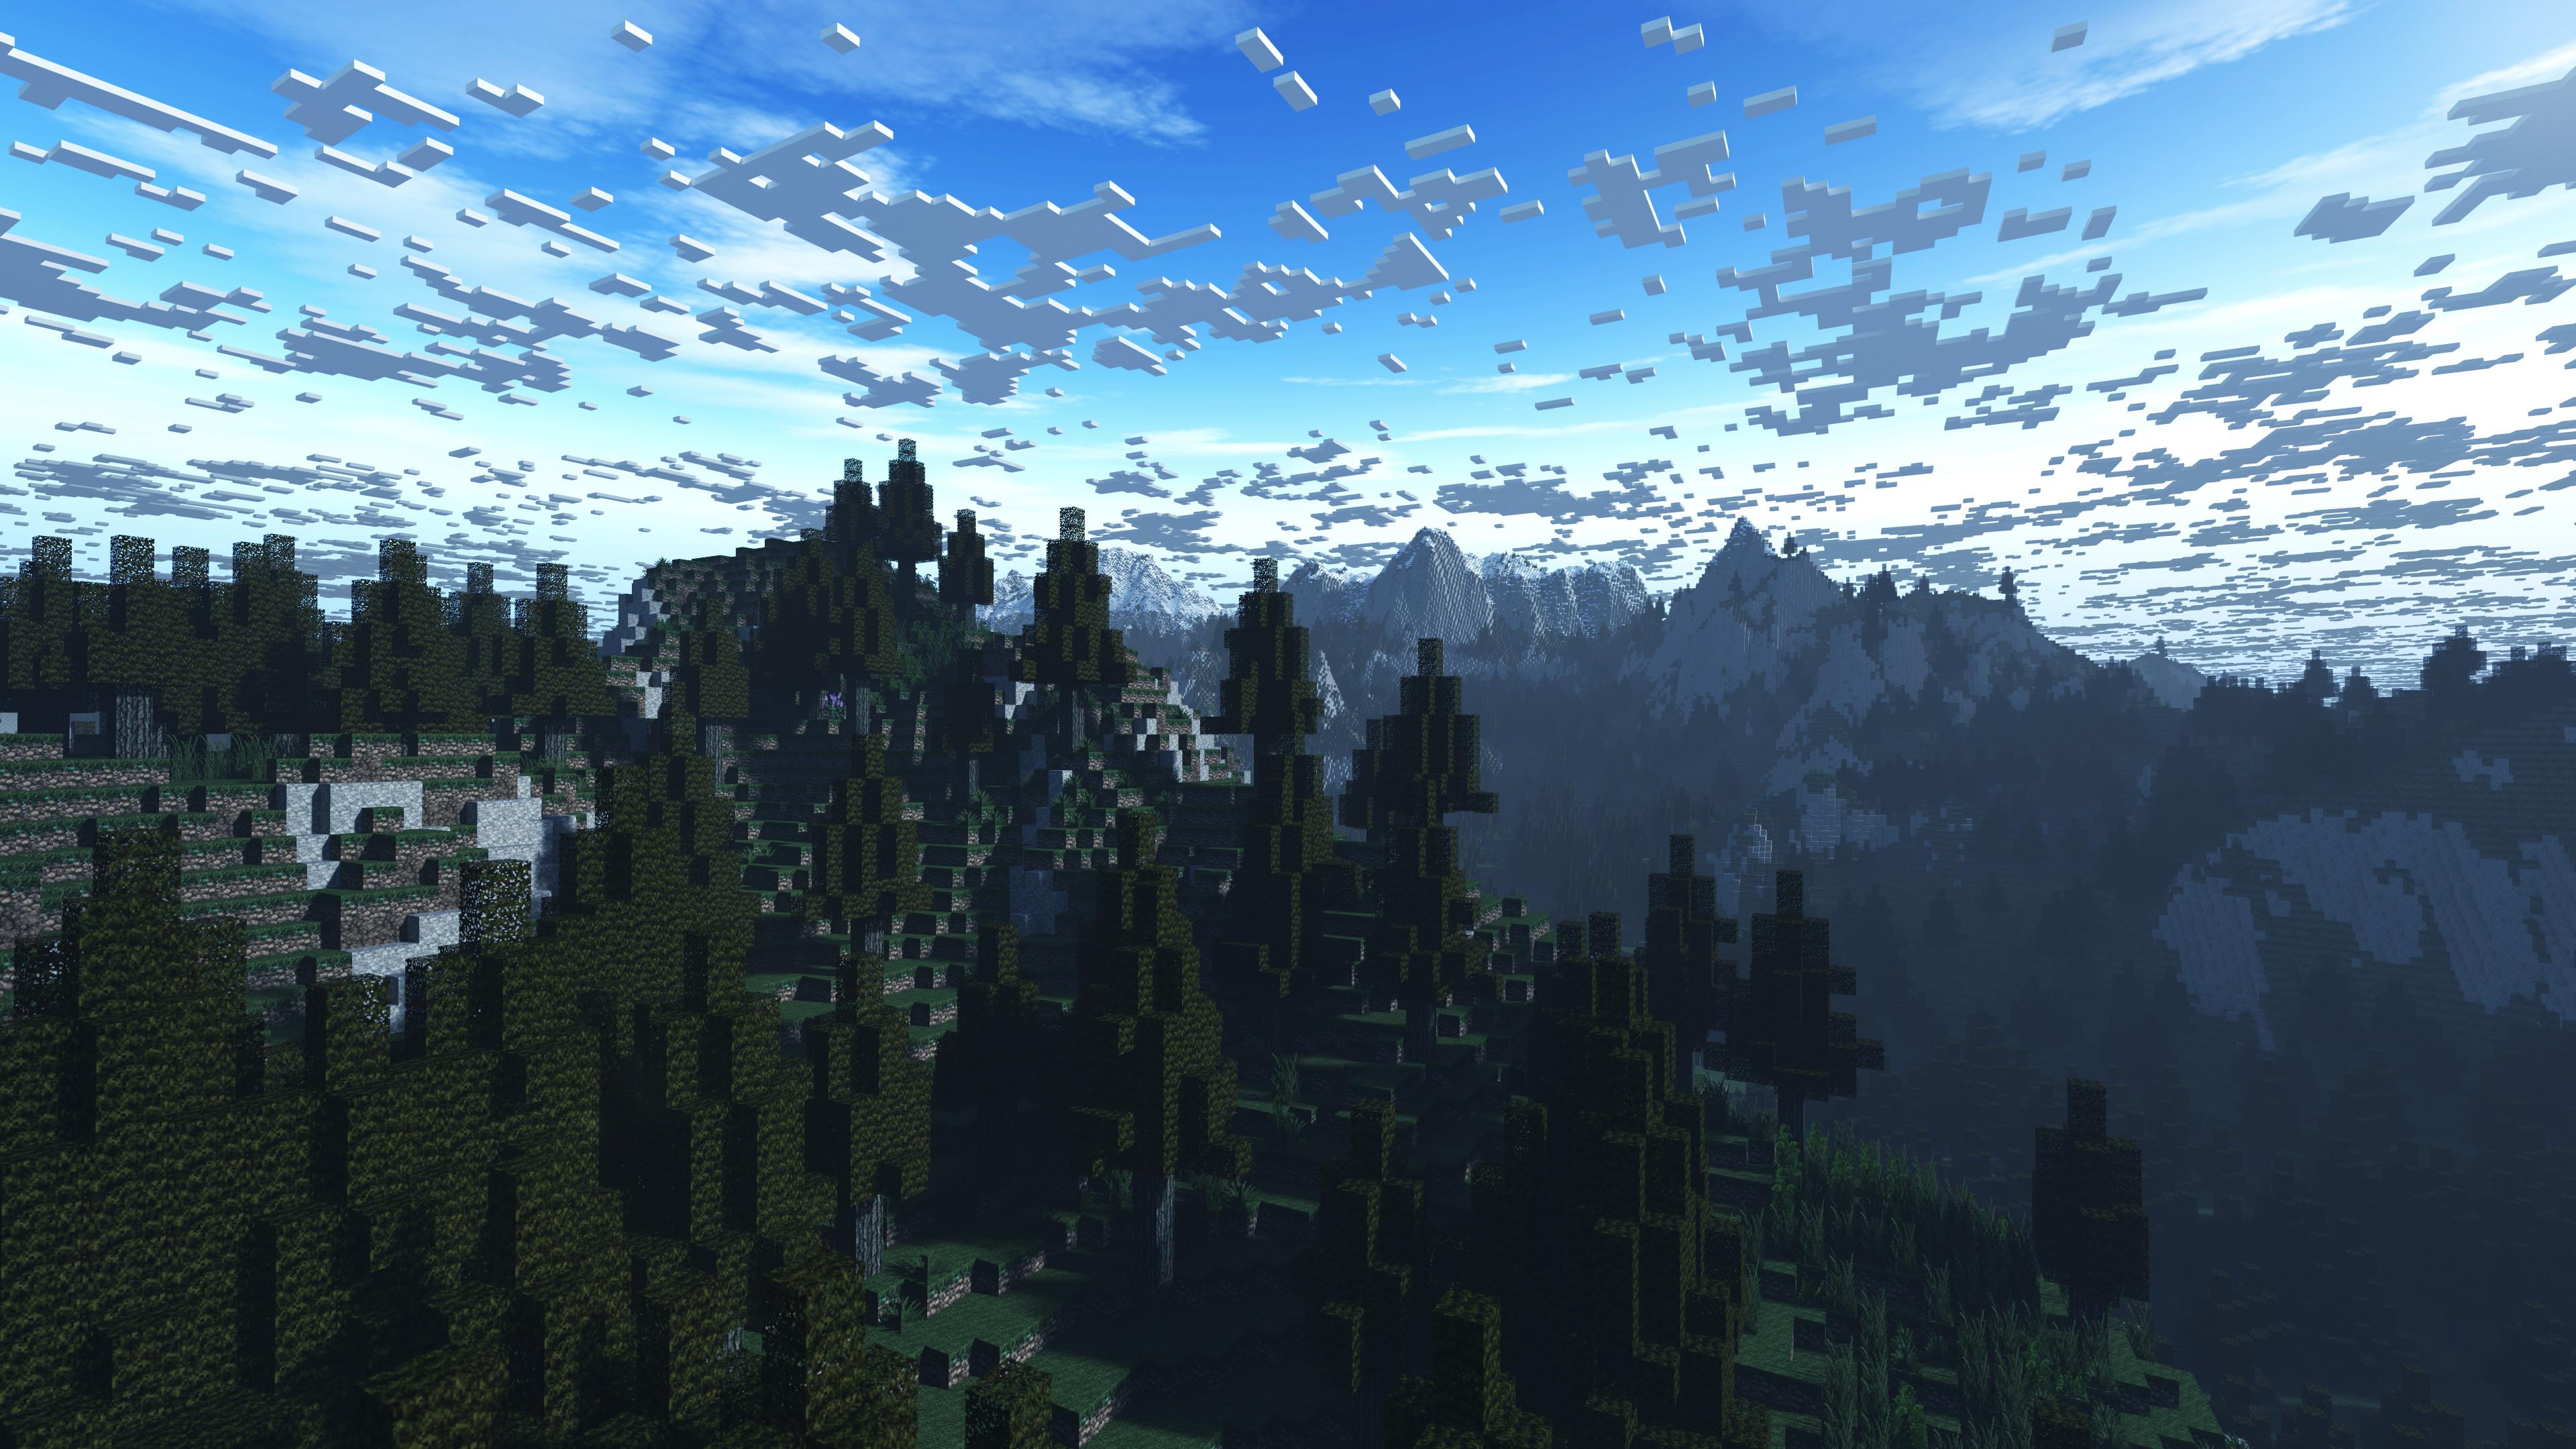 Snowy Minecraft Wallpaper